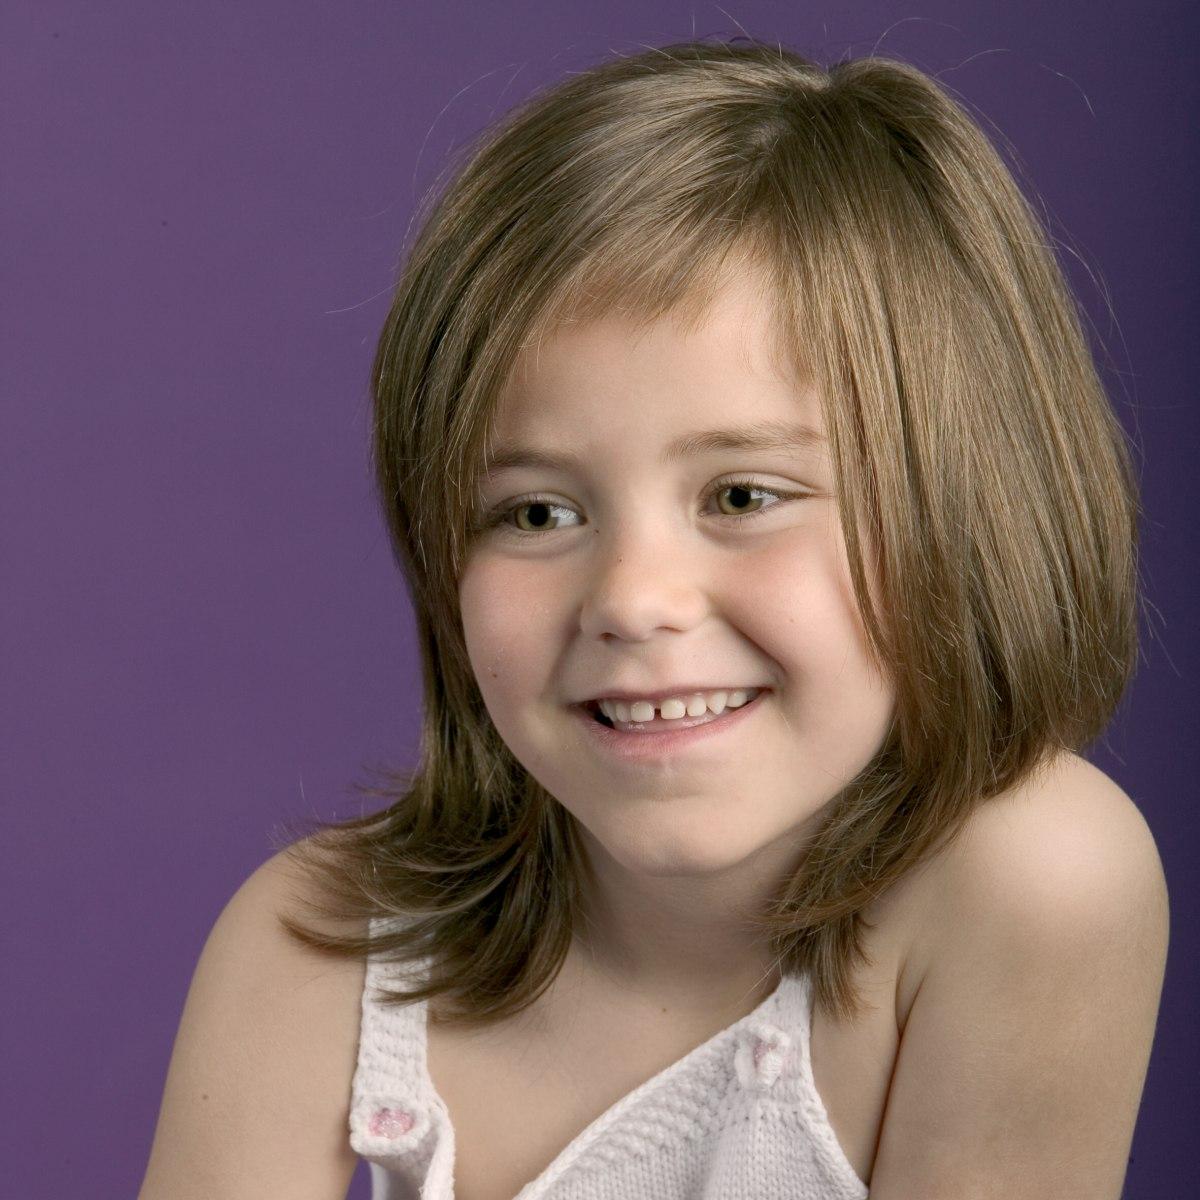 Moderne Frisur Für Mädchen Mit Kinnlangem Haar